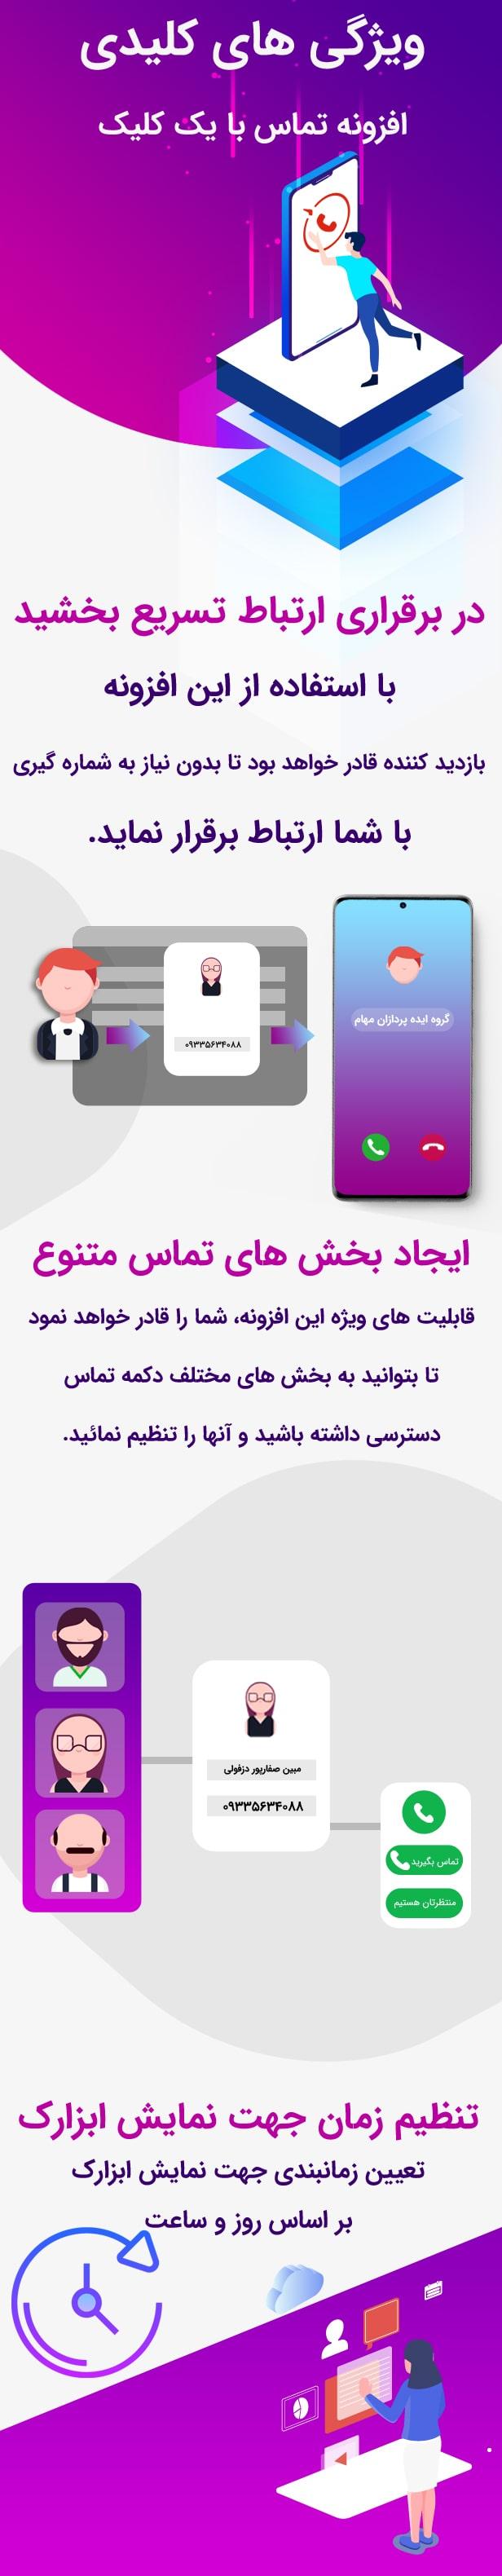 ویژگی های افزونه تماس تلفنی Click To Call، پلاگین Call Button